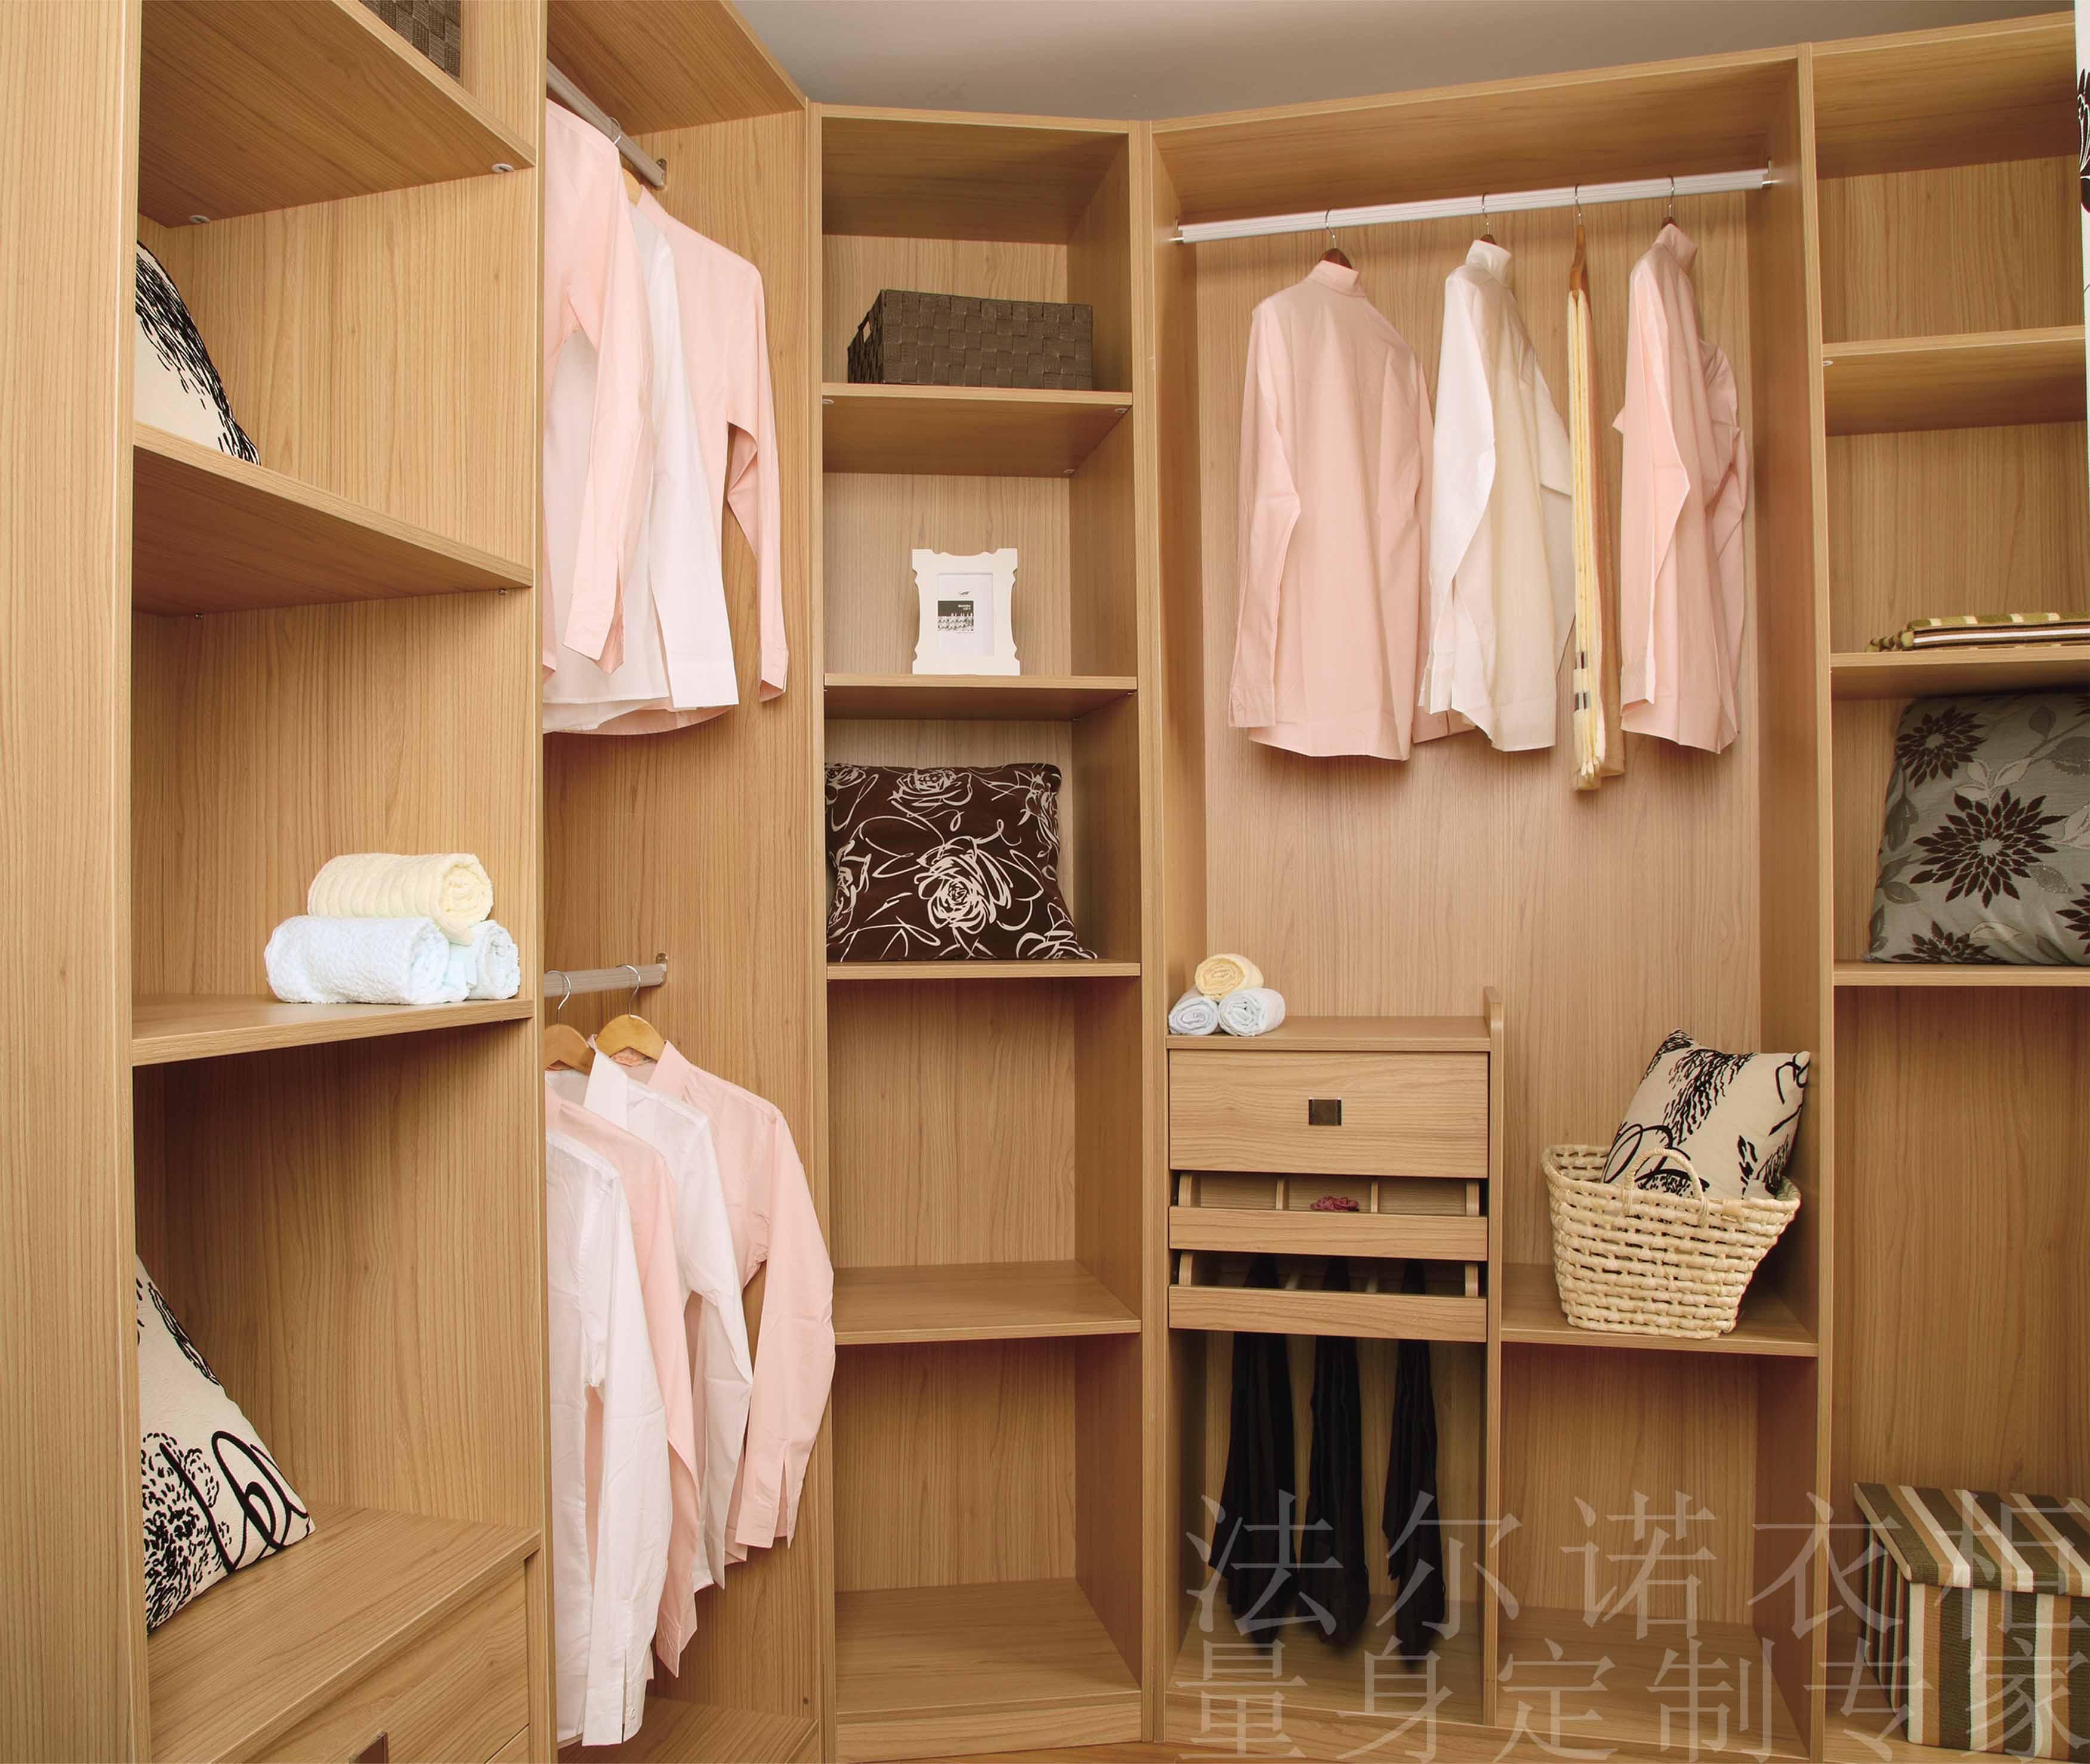 定制衣柜移门 法尔诺衣柜-衣柜-欧式白枫木衣柜